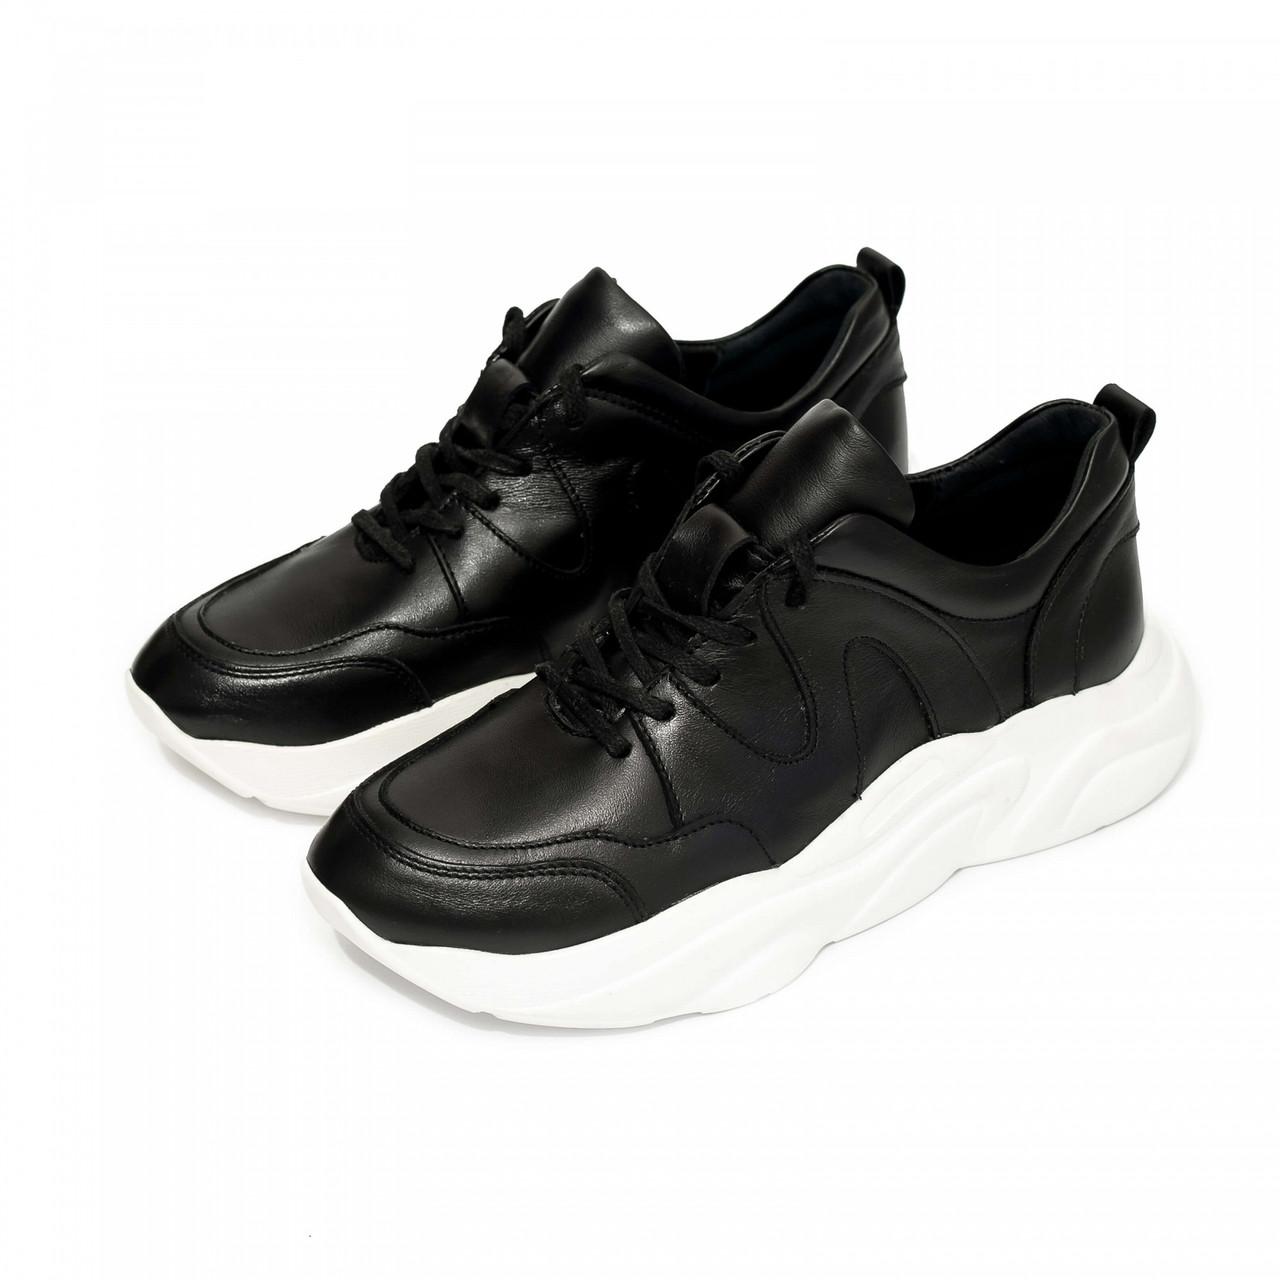 Кроссовки Paranova shoes Combo Black and White 40 Черные (100010_40)